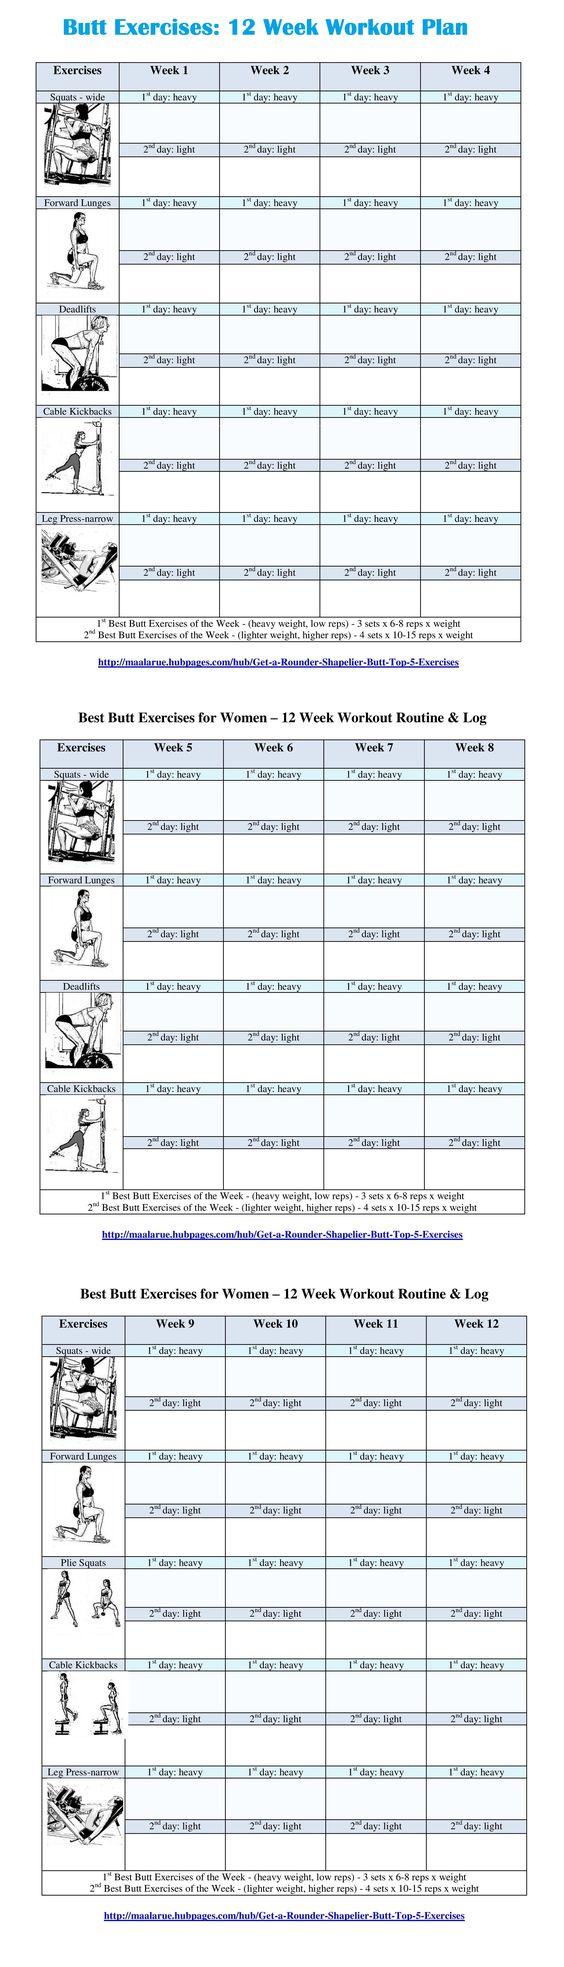 Gym business plan pdf